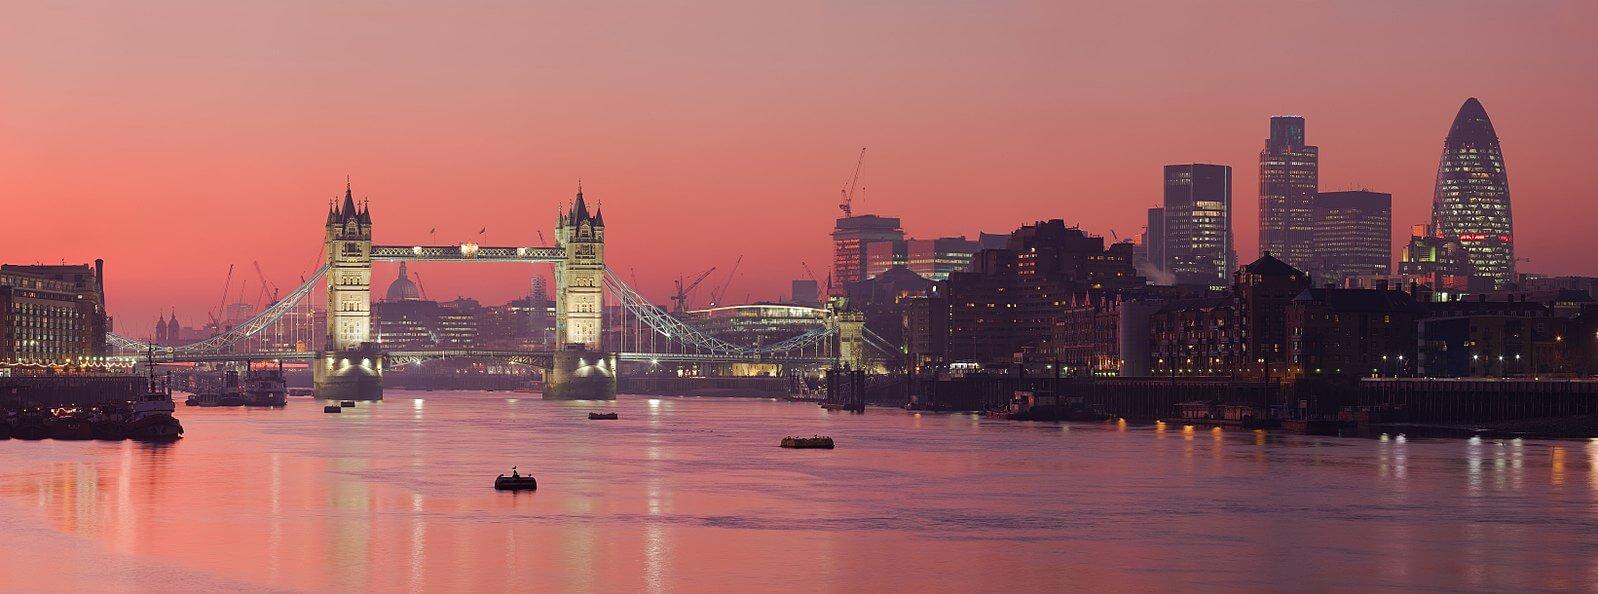 LondonThames